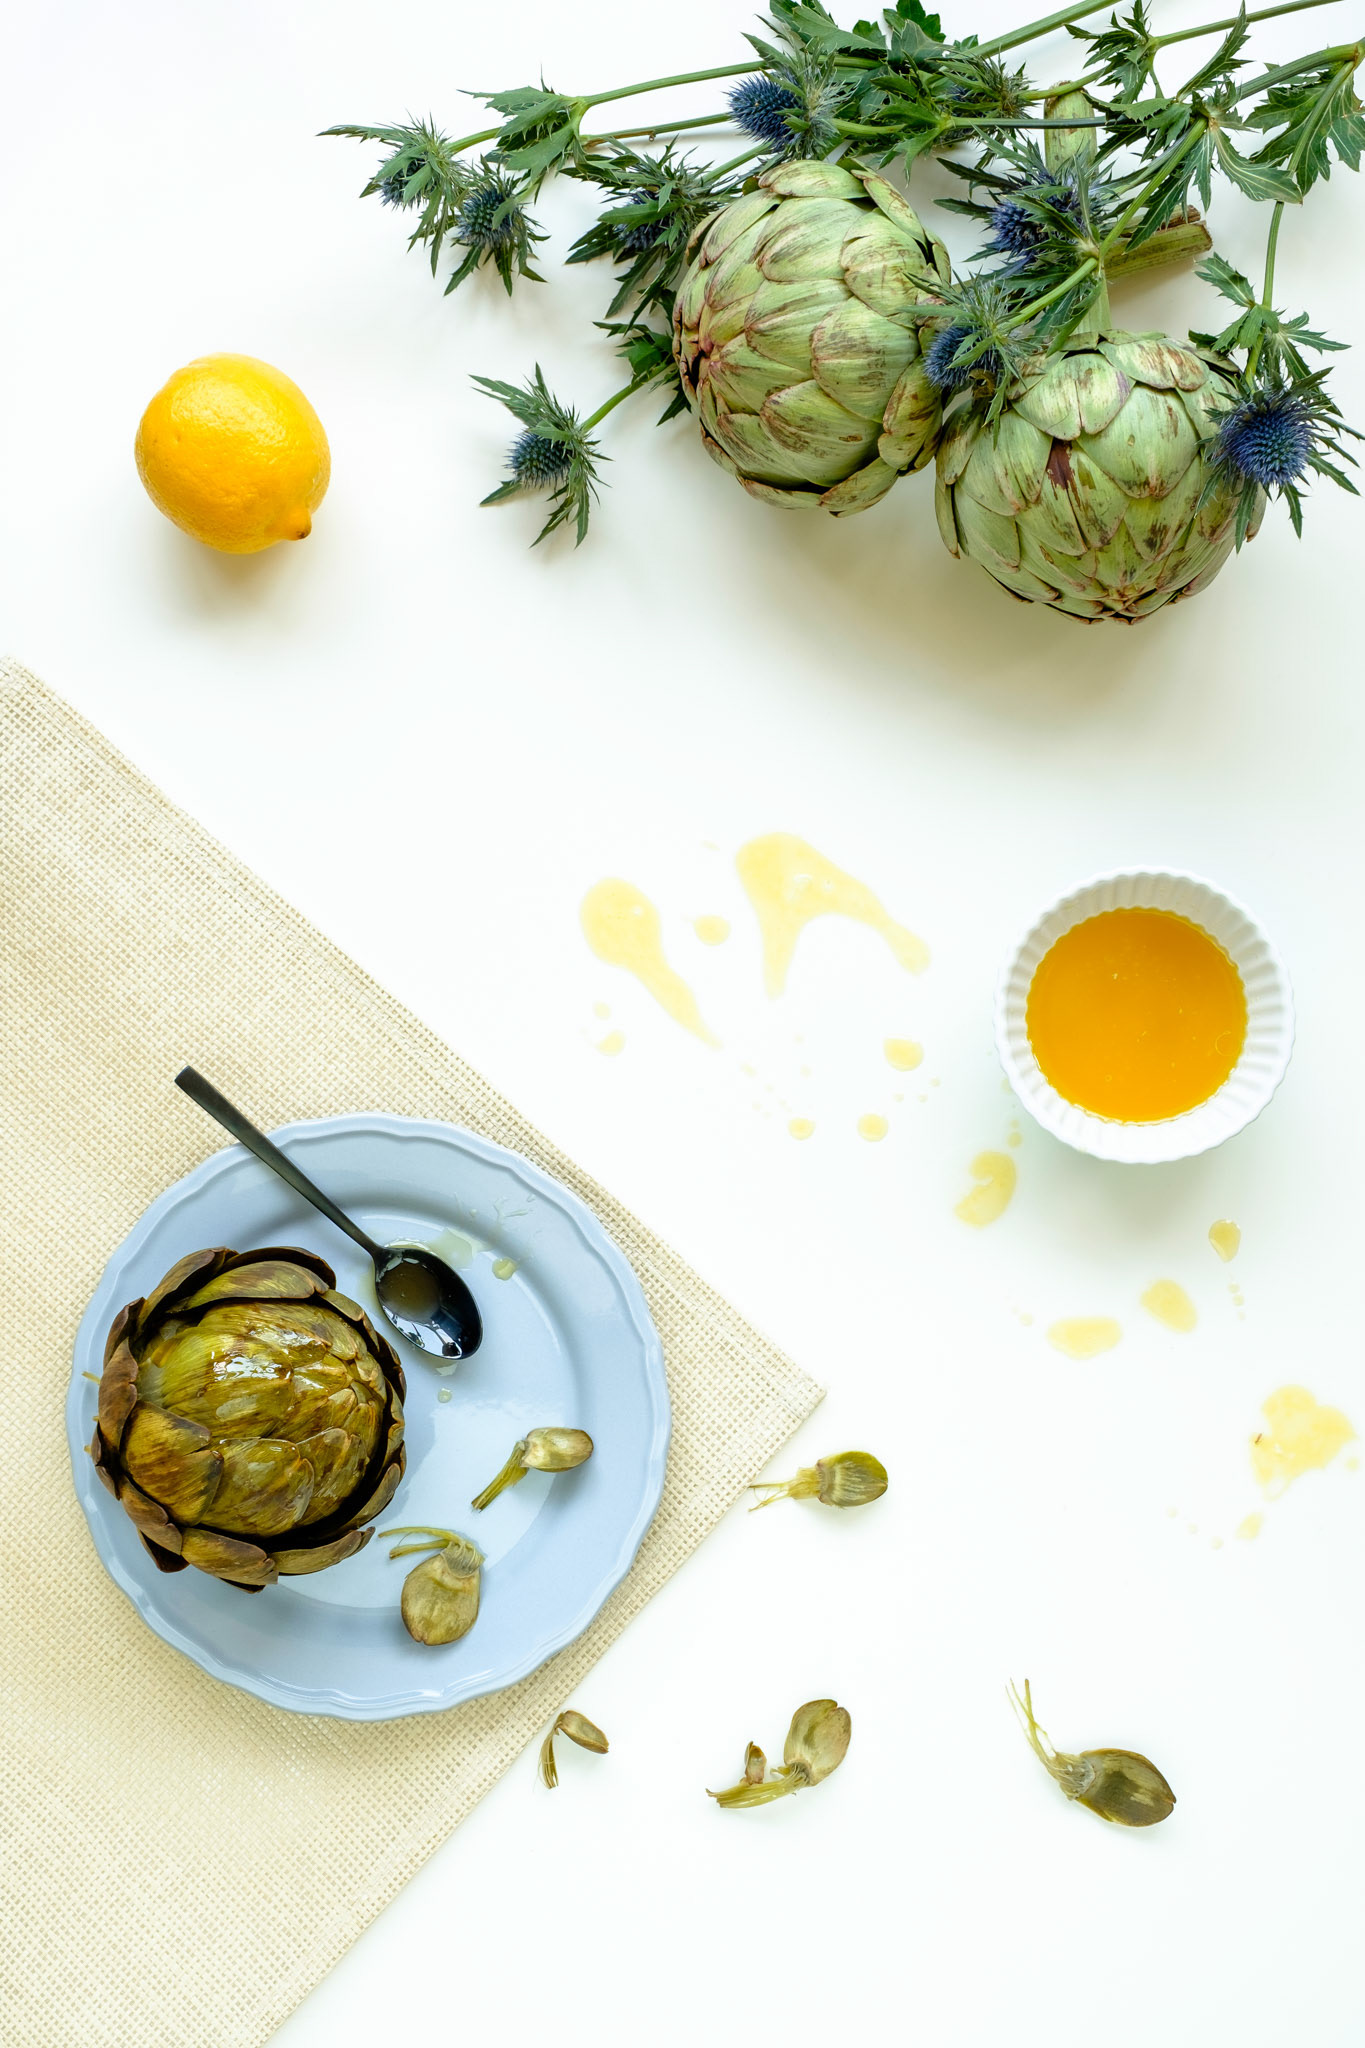 Artichokes with lemon butter